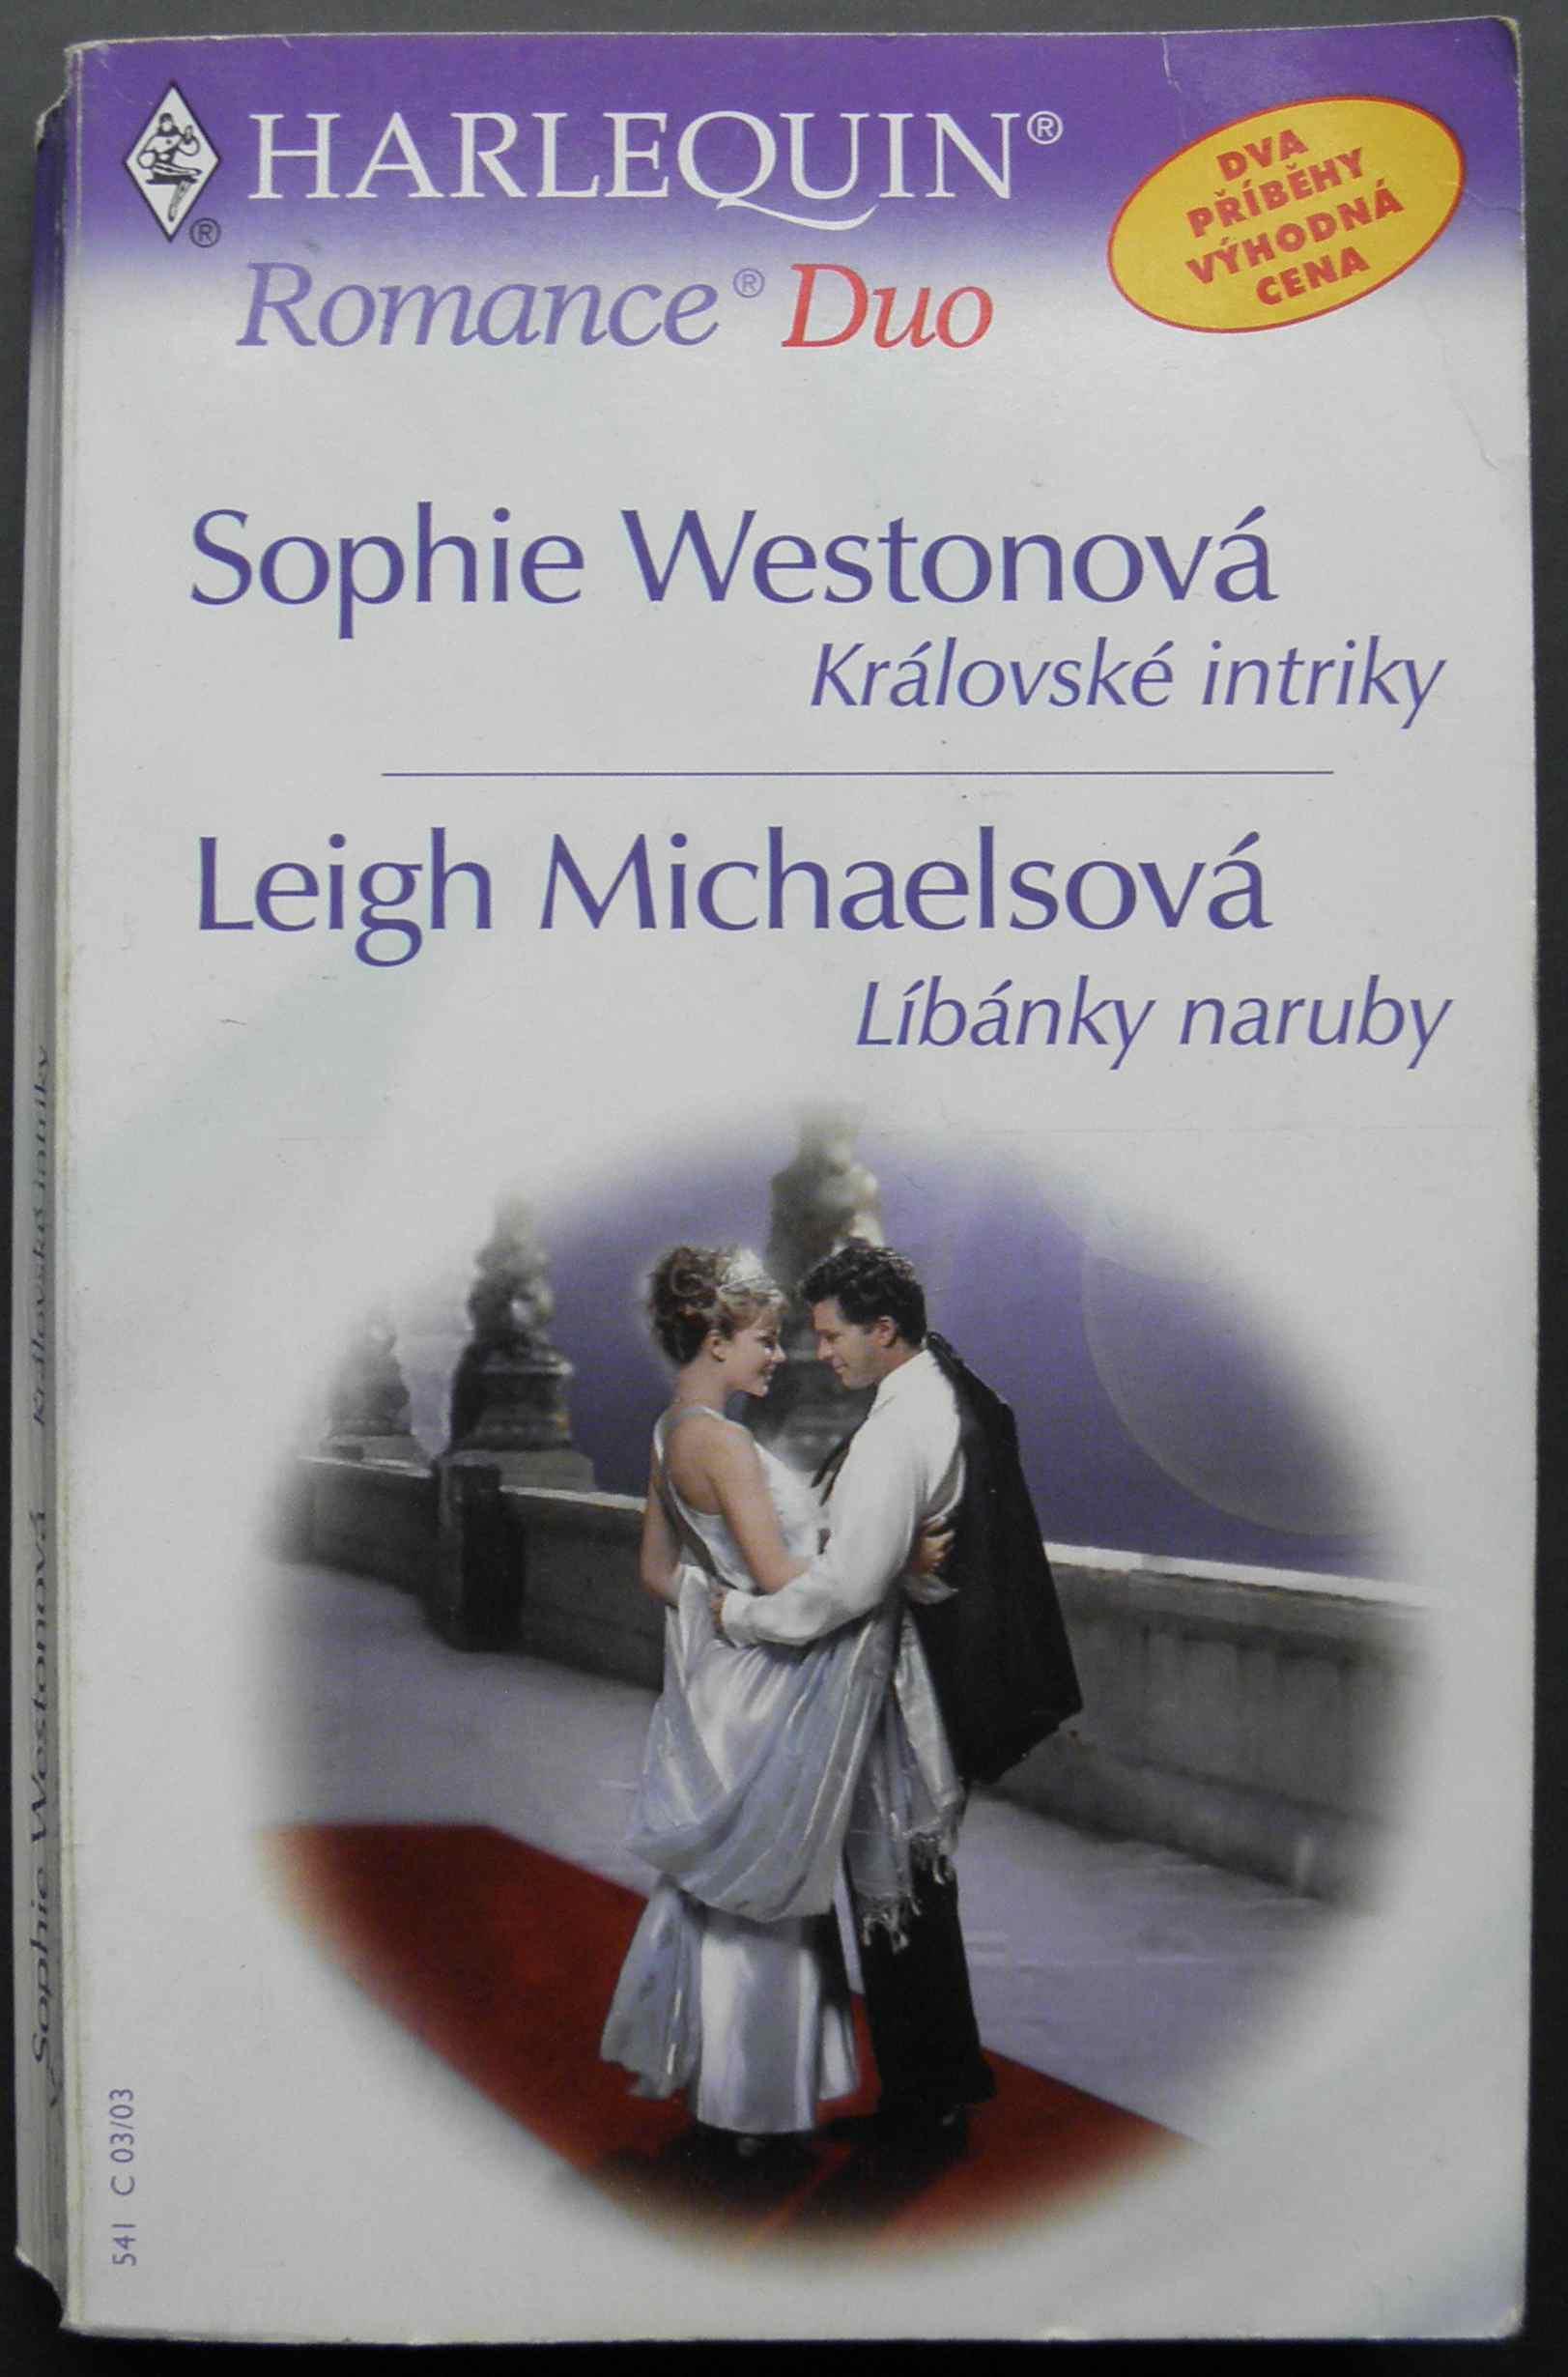 Královské intriky, Líbánky naruby - Sophie Westonová, Leigh Michaelsová